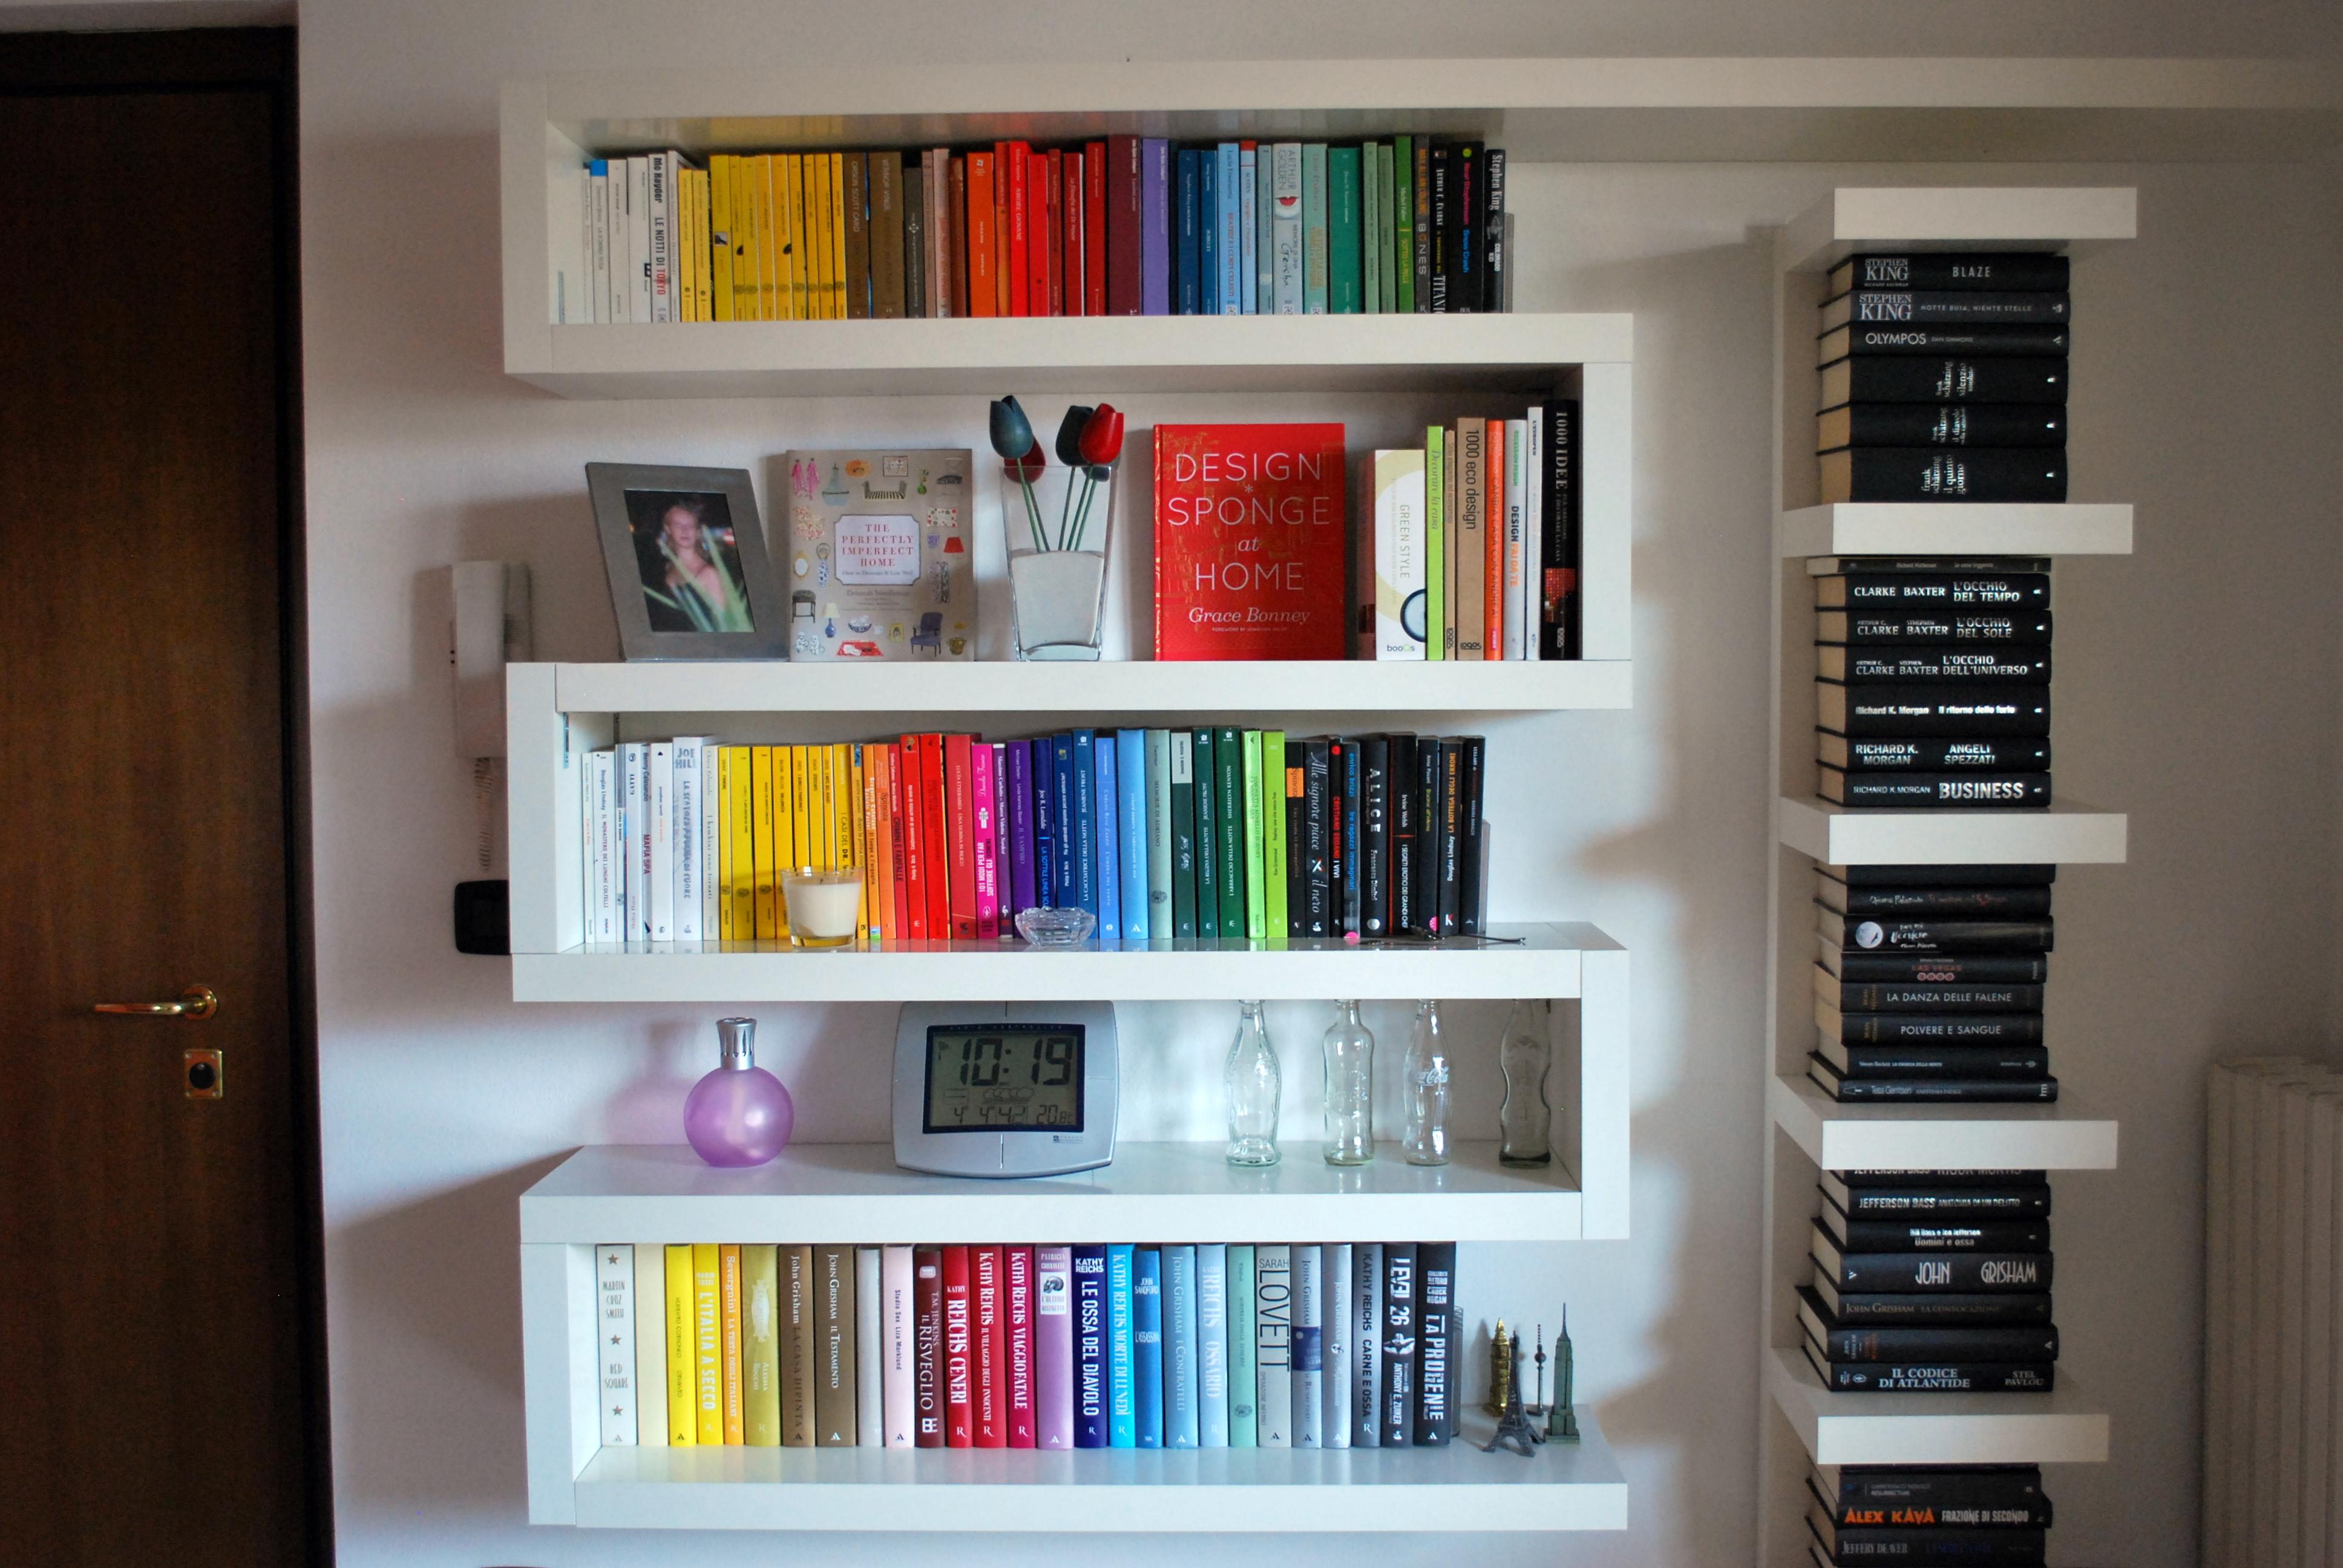 Libreria a zig zag recreathing for Libreria arredamento ikea